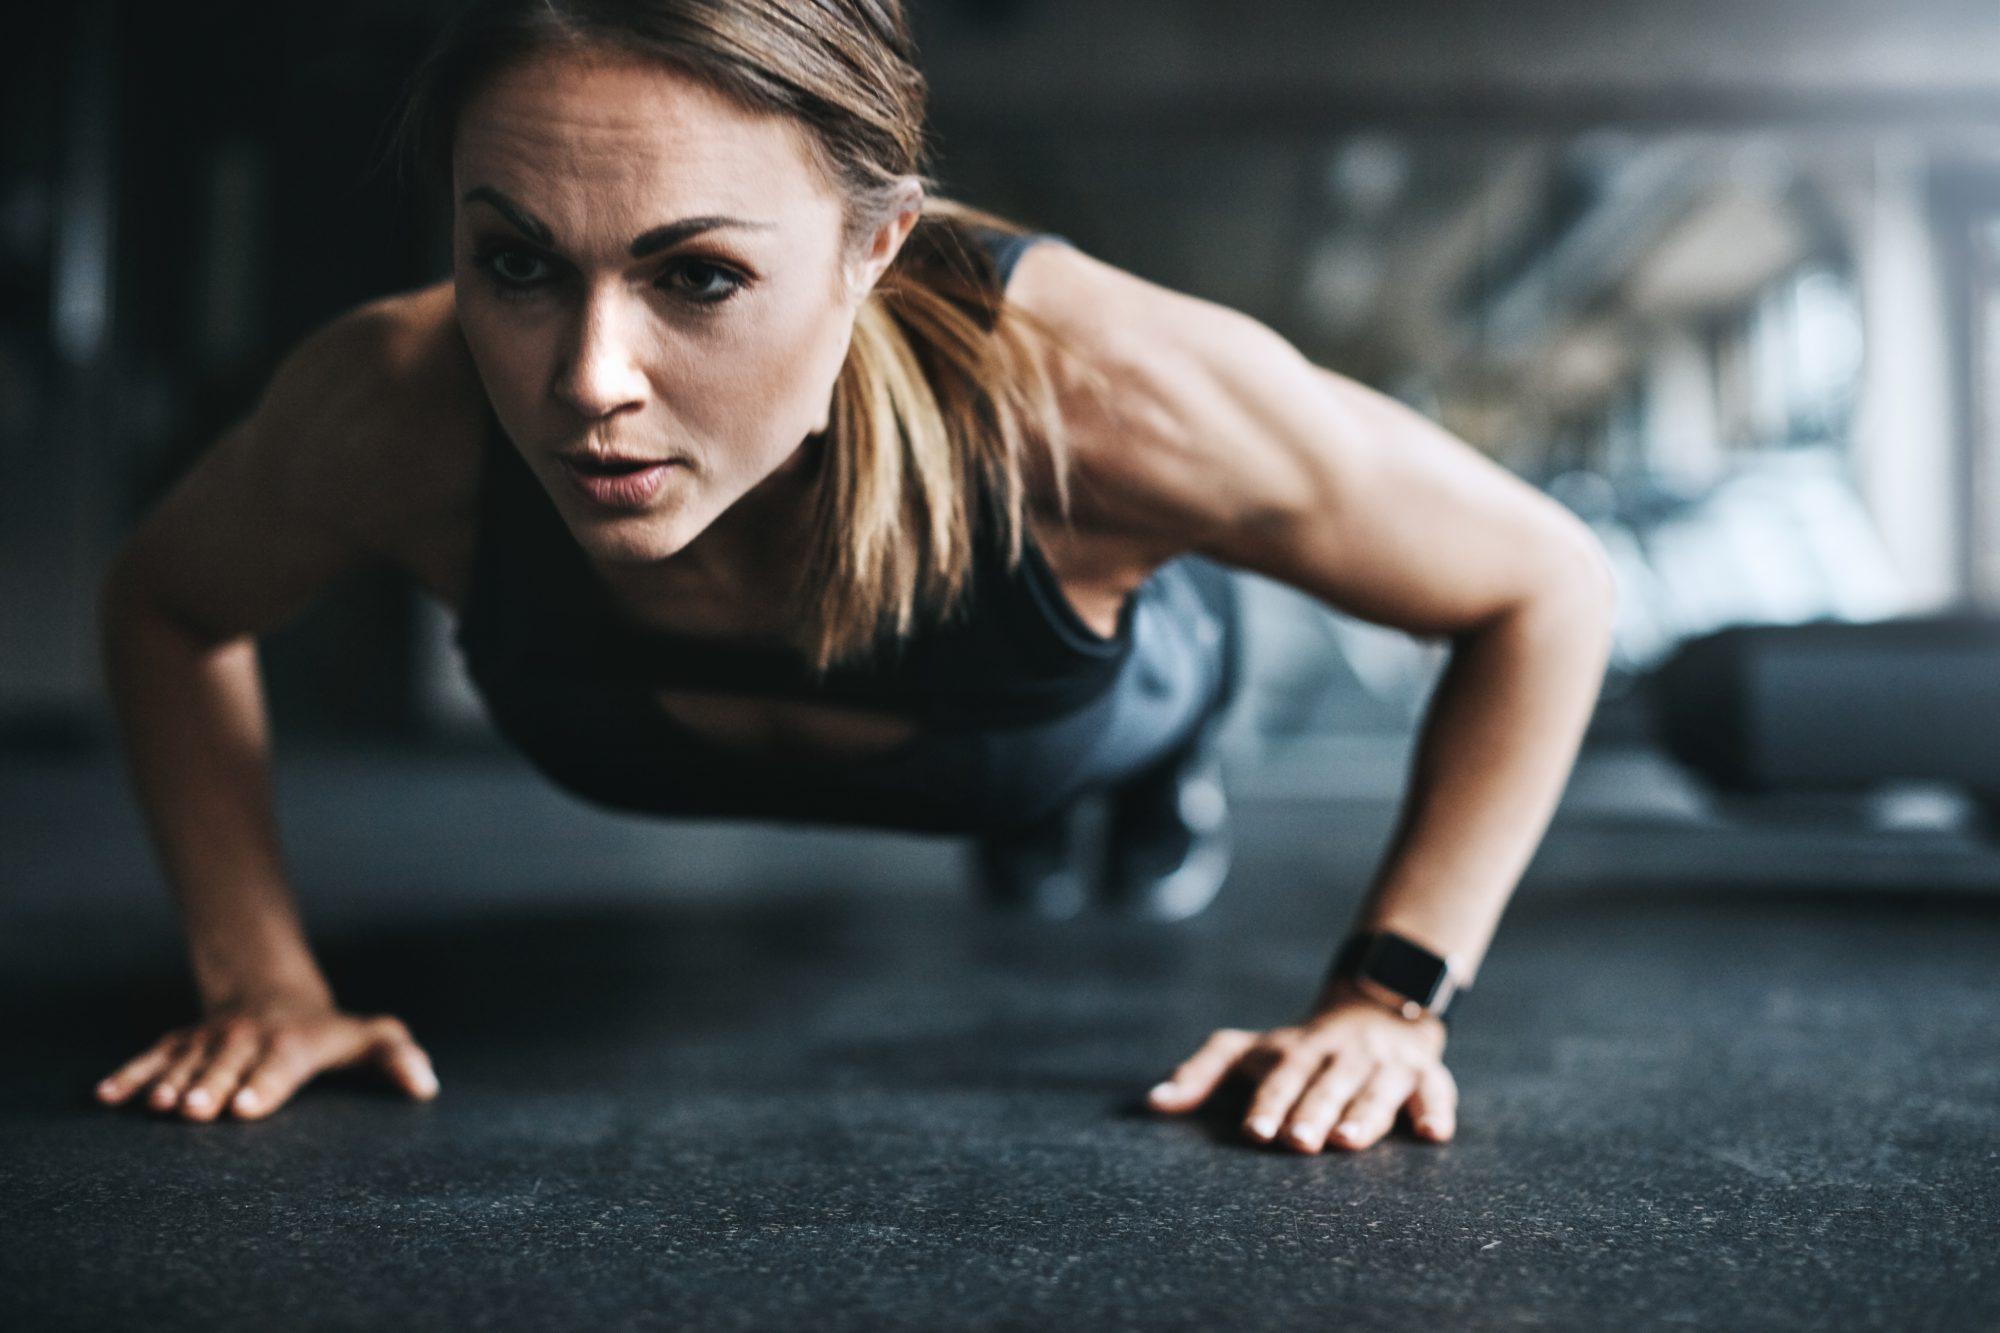 Αθλητισμός Οφέλη Υγεία: Η έντονη προπόνηση μπορεί να μην αυξάνει τις πιθανότητες μακροζωίας [vid]